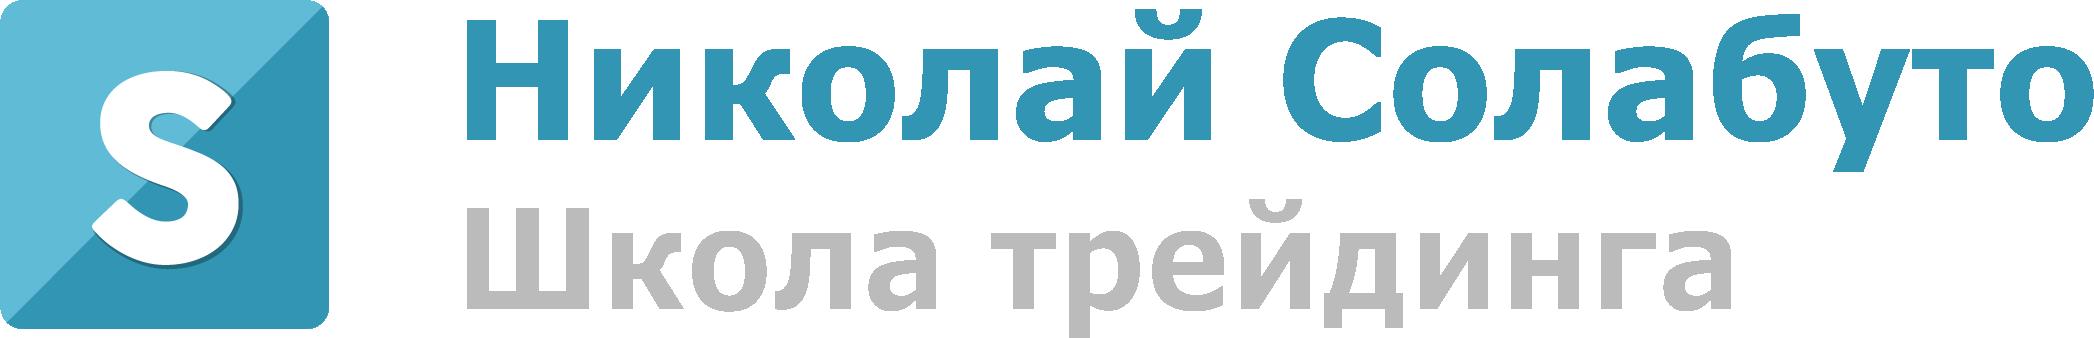 Школа трейдинга Николая Солабуто